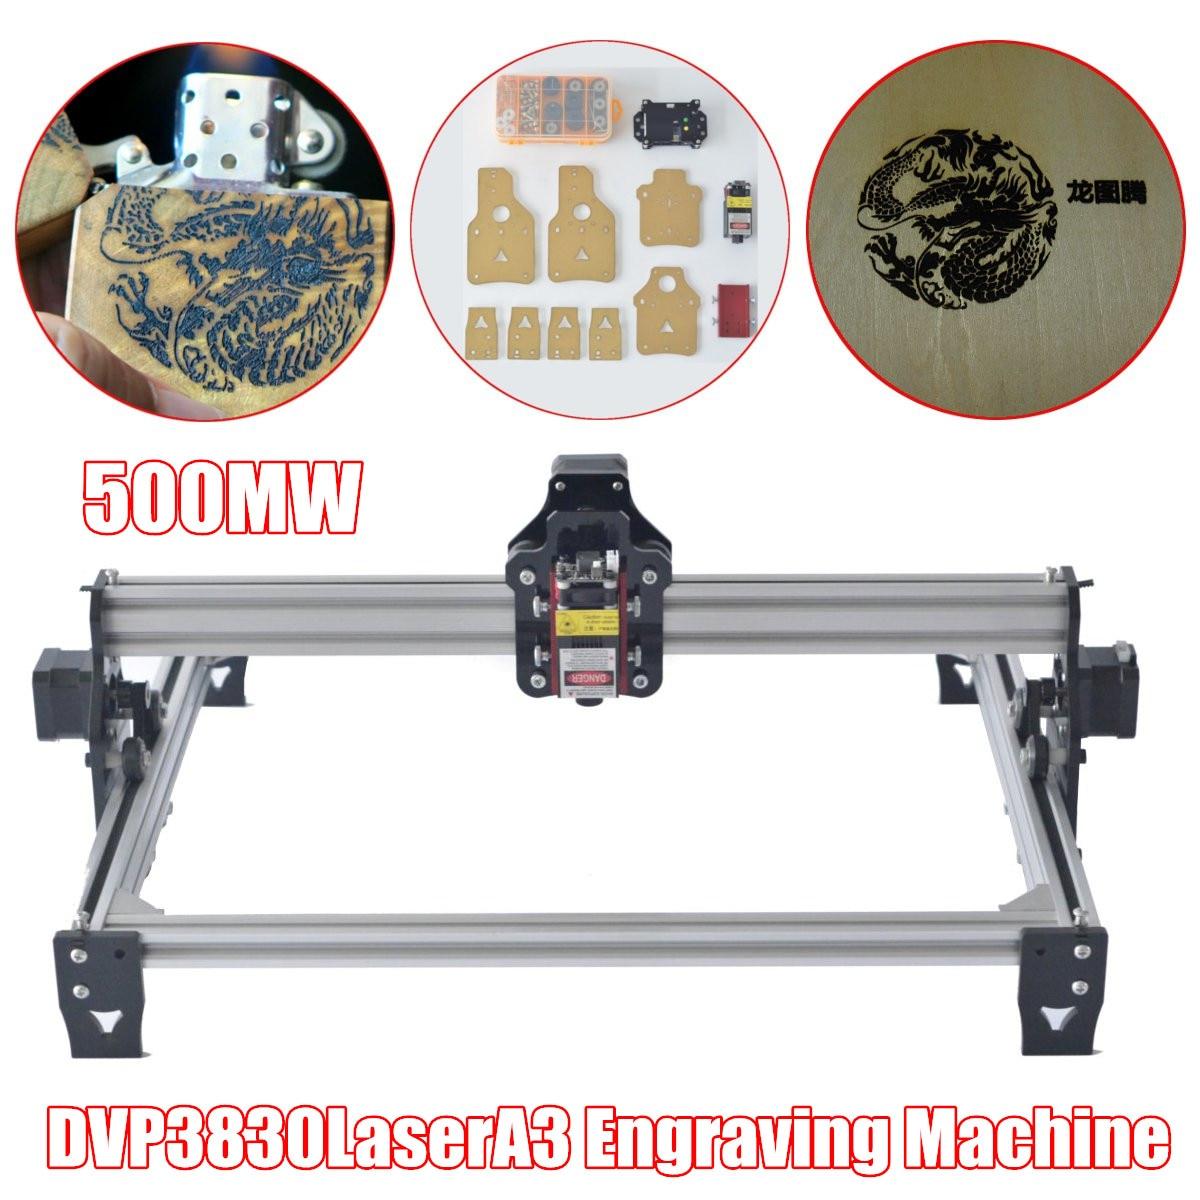 500 mw DVP 3830 Laser A3 Machine De Gravure, DIY Laser Graveur Machine, Bois Routeur, laser cutter, cnc routeur, Machines À Bois